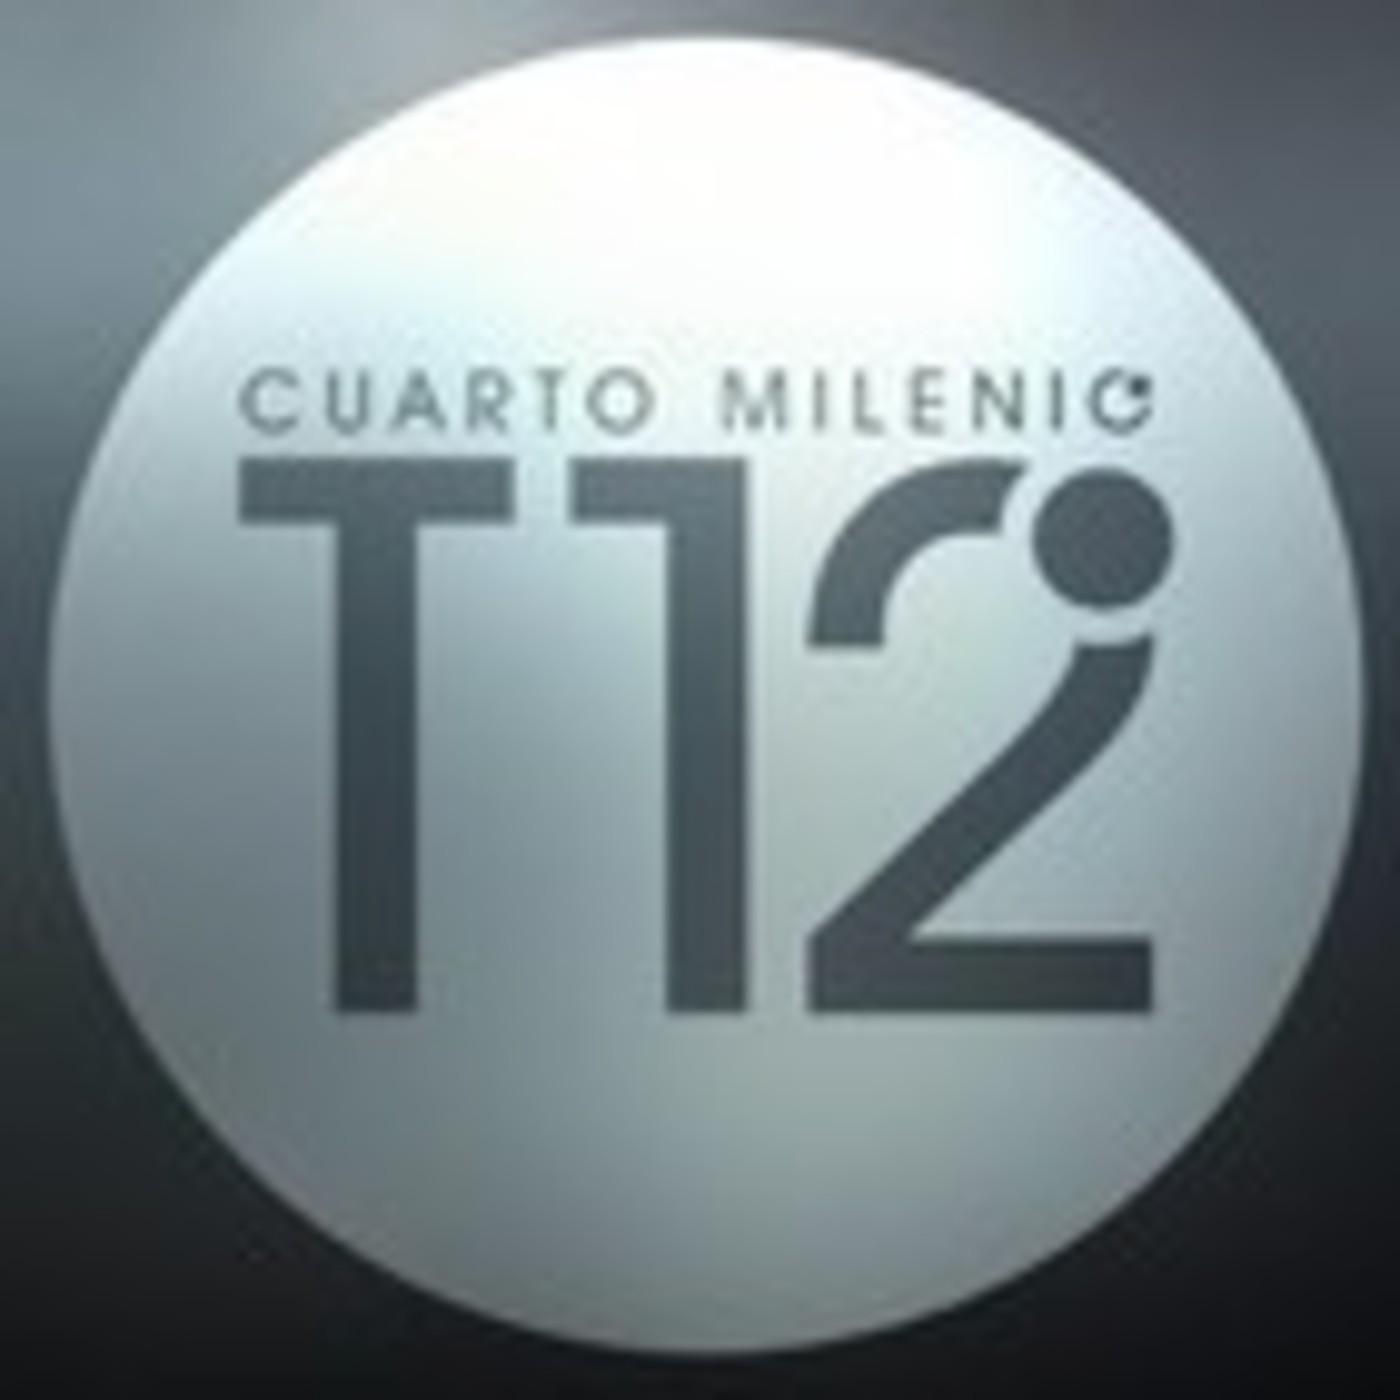 Cuarto milenio 2 4 2017 12x31 rad n el gas mortal for Cuarto milenio en toledo